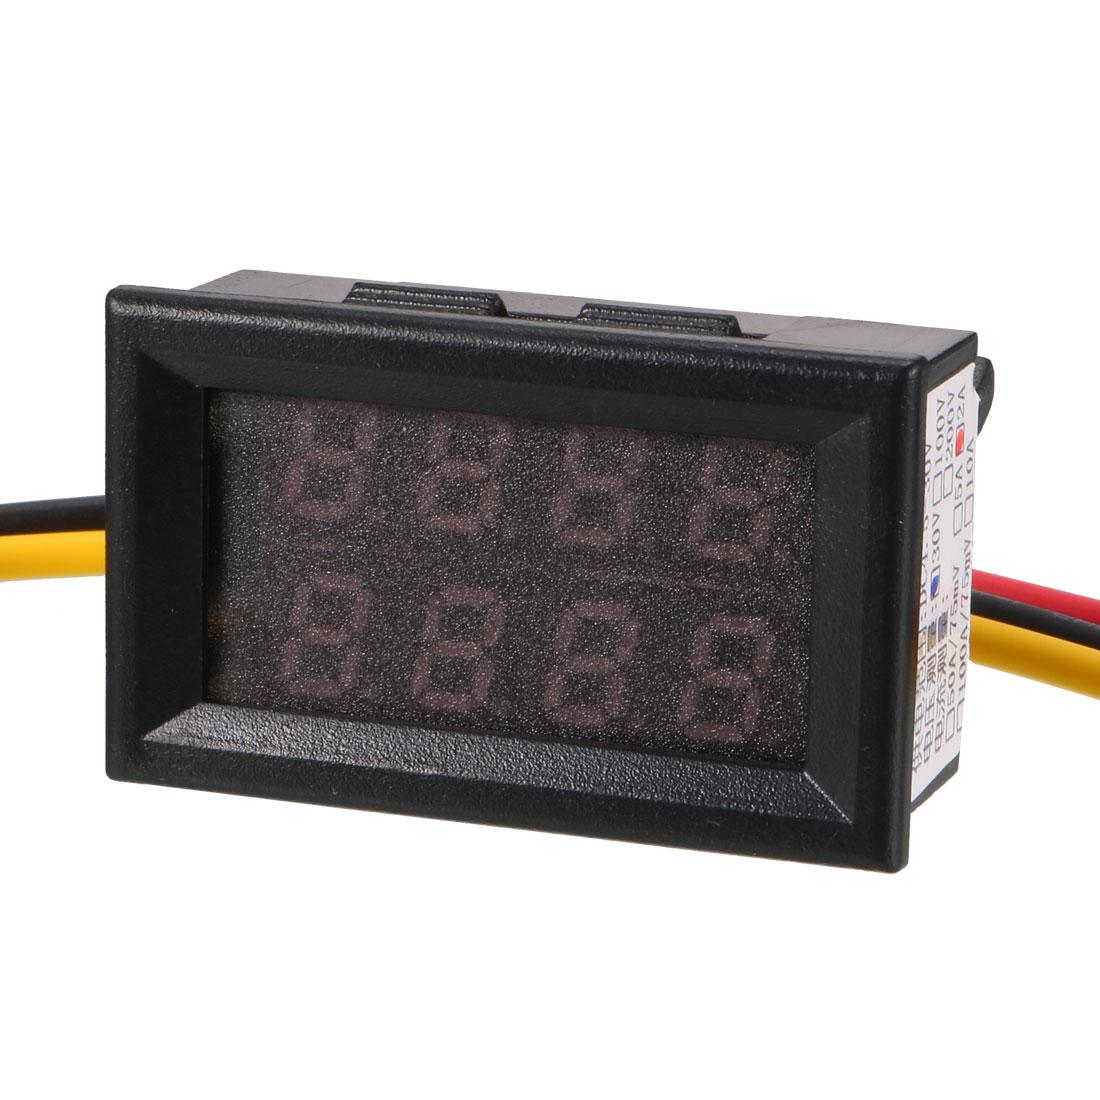 DC 0-30V 2A Blue Red LED Dual Digital Display Panel Voltmeter Ammeter Meter New